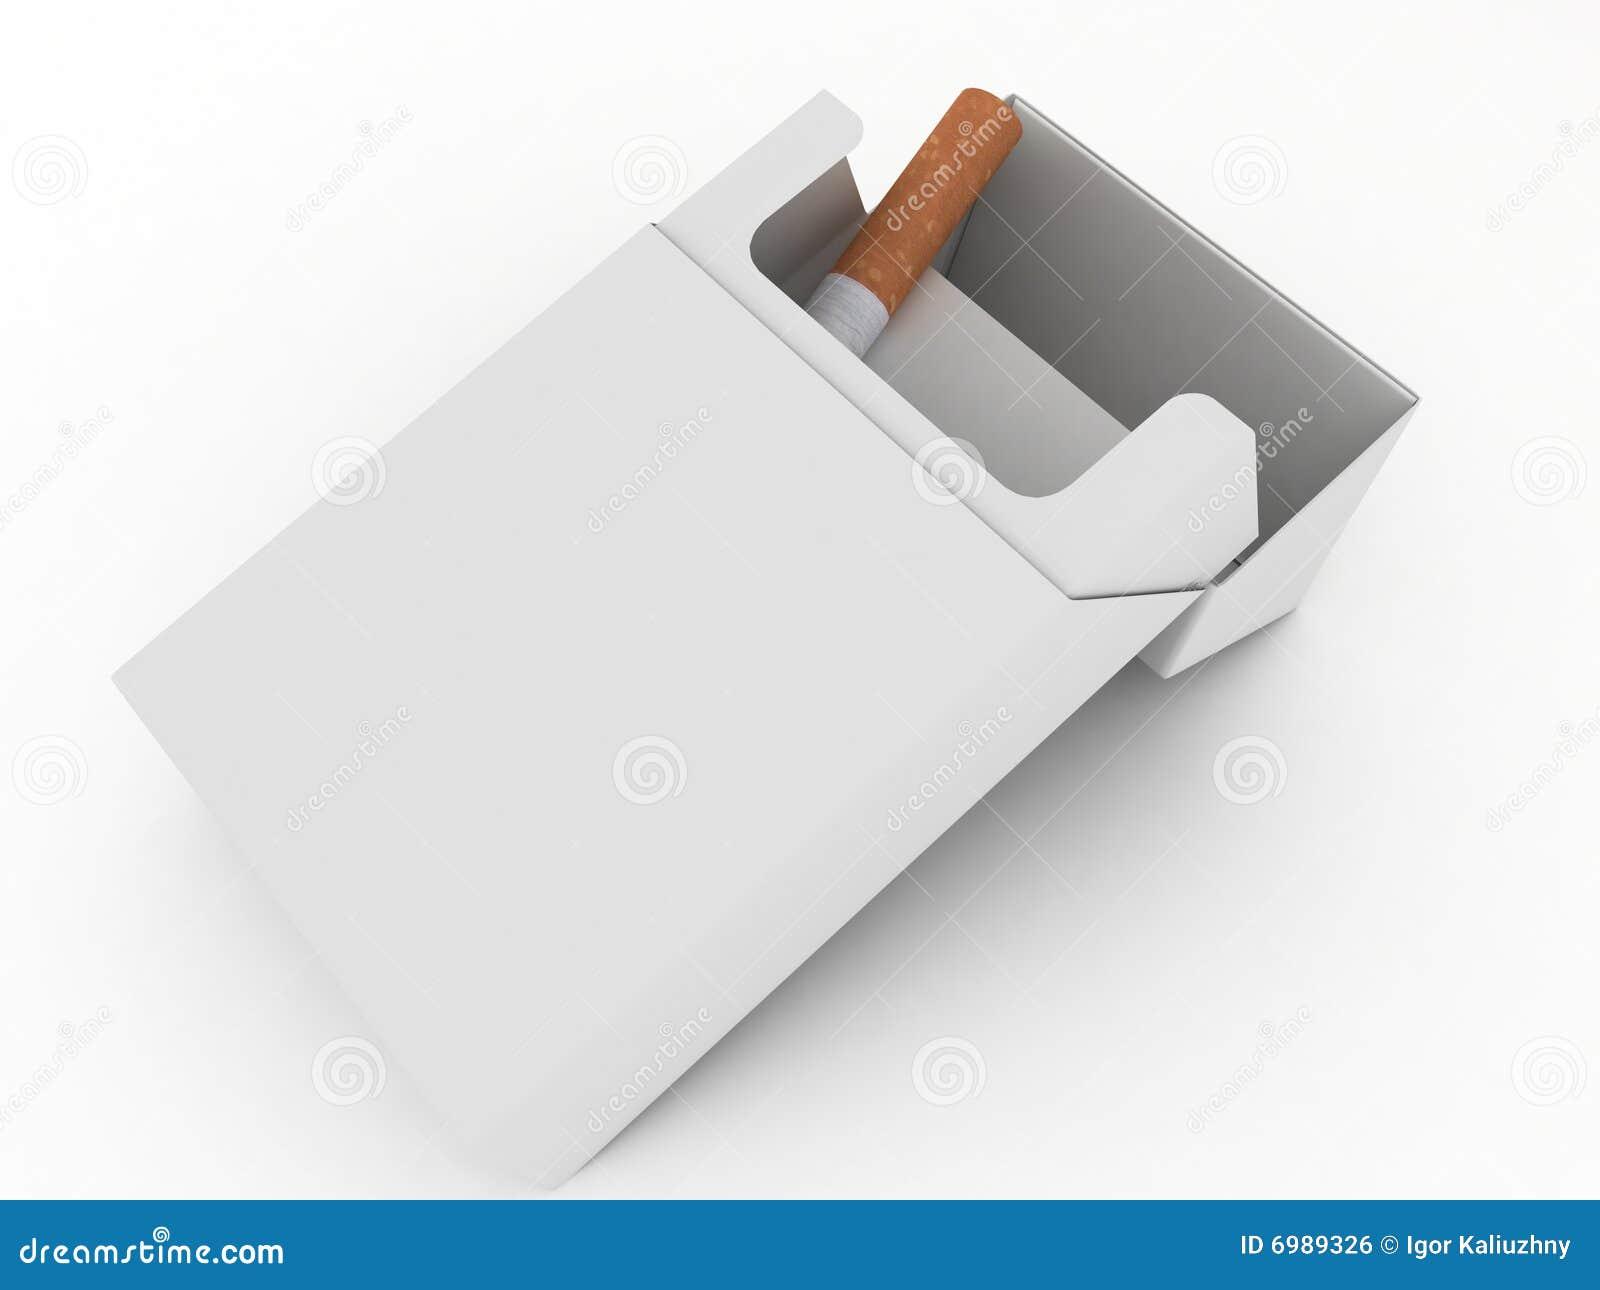 τα τσιγάρα απομόνωσαν το ανοικτό λευκό πακέτων